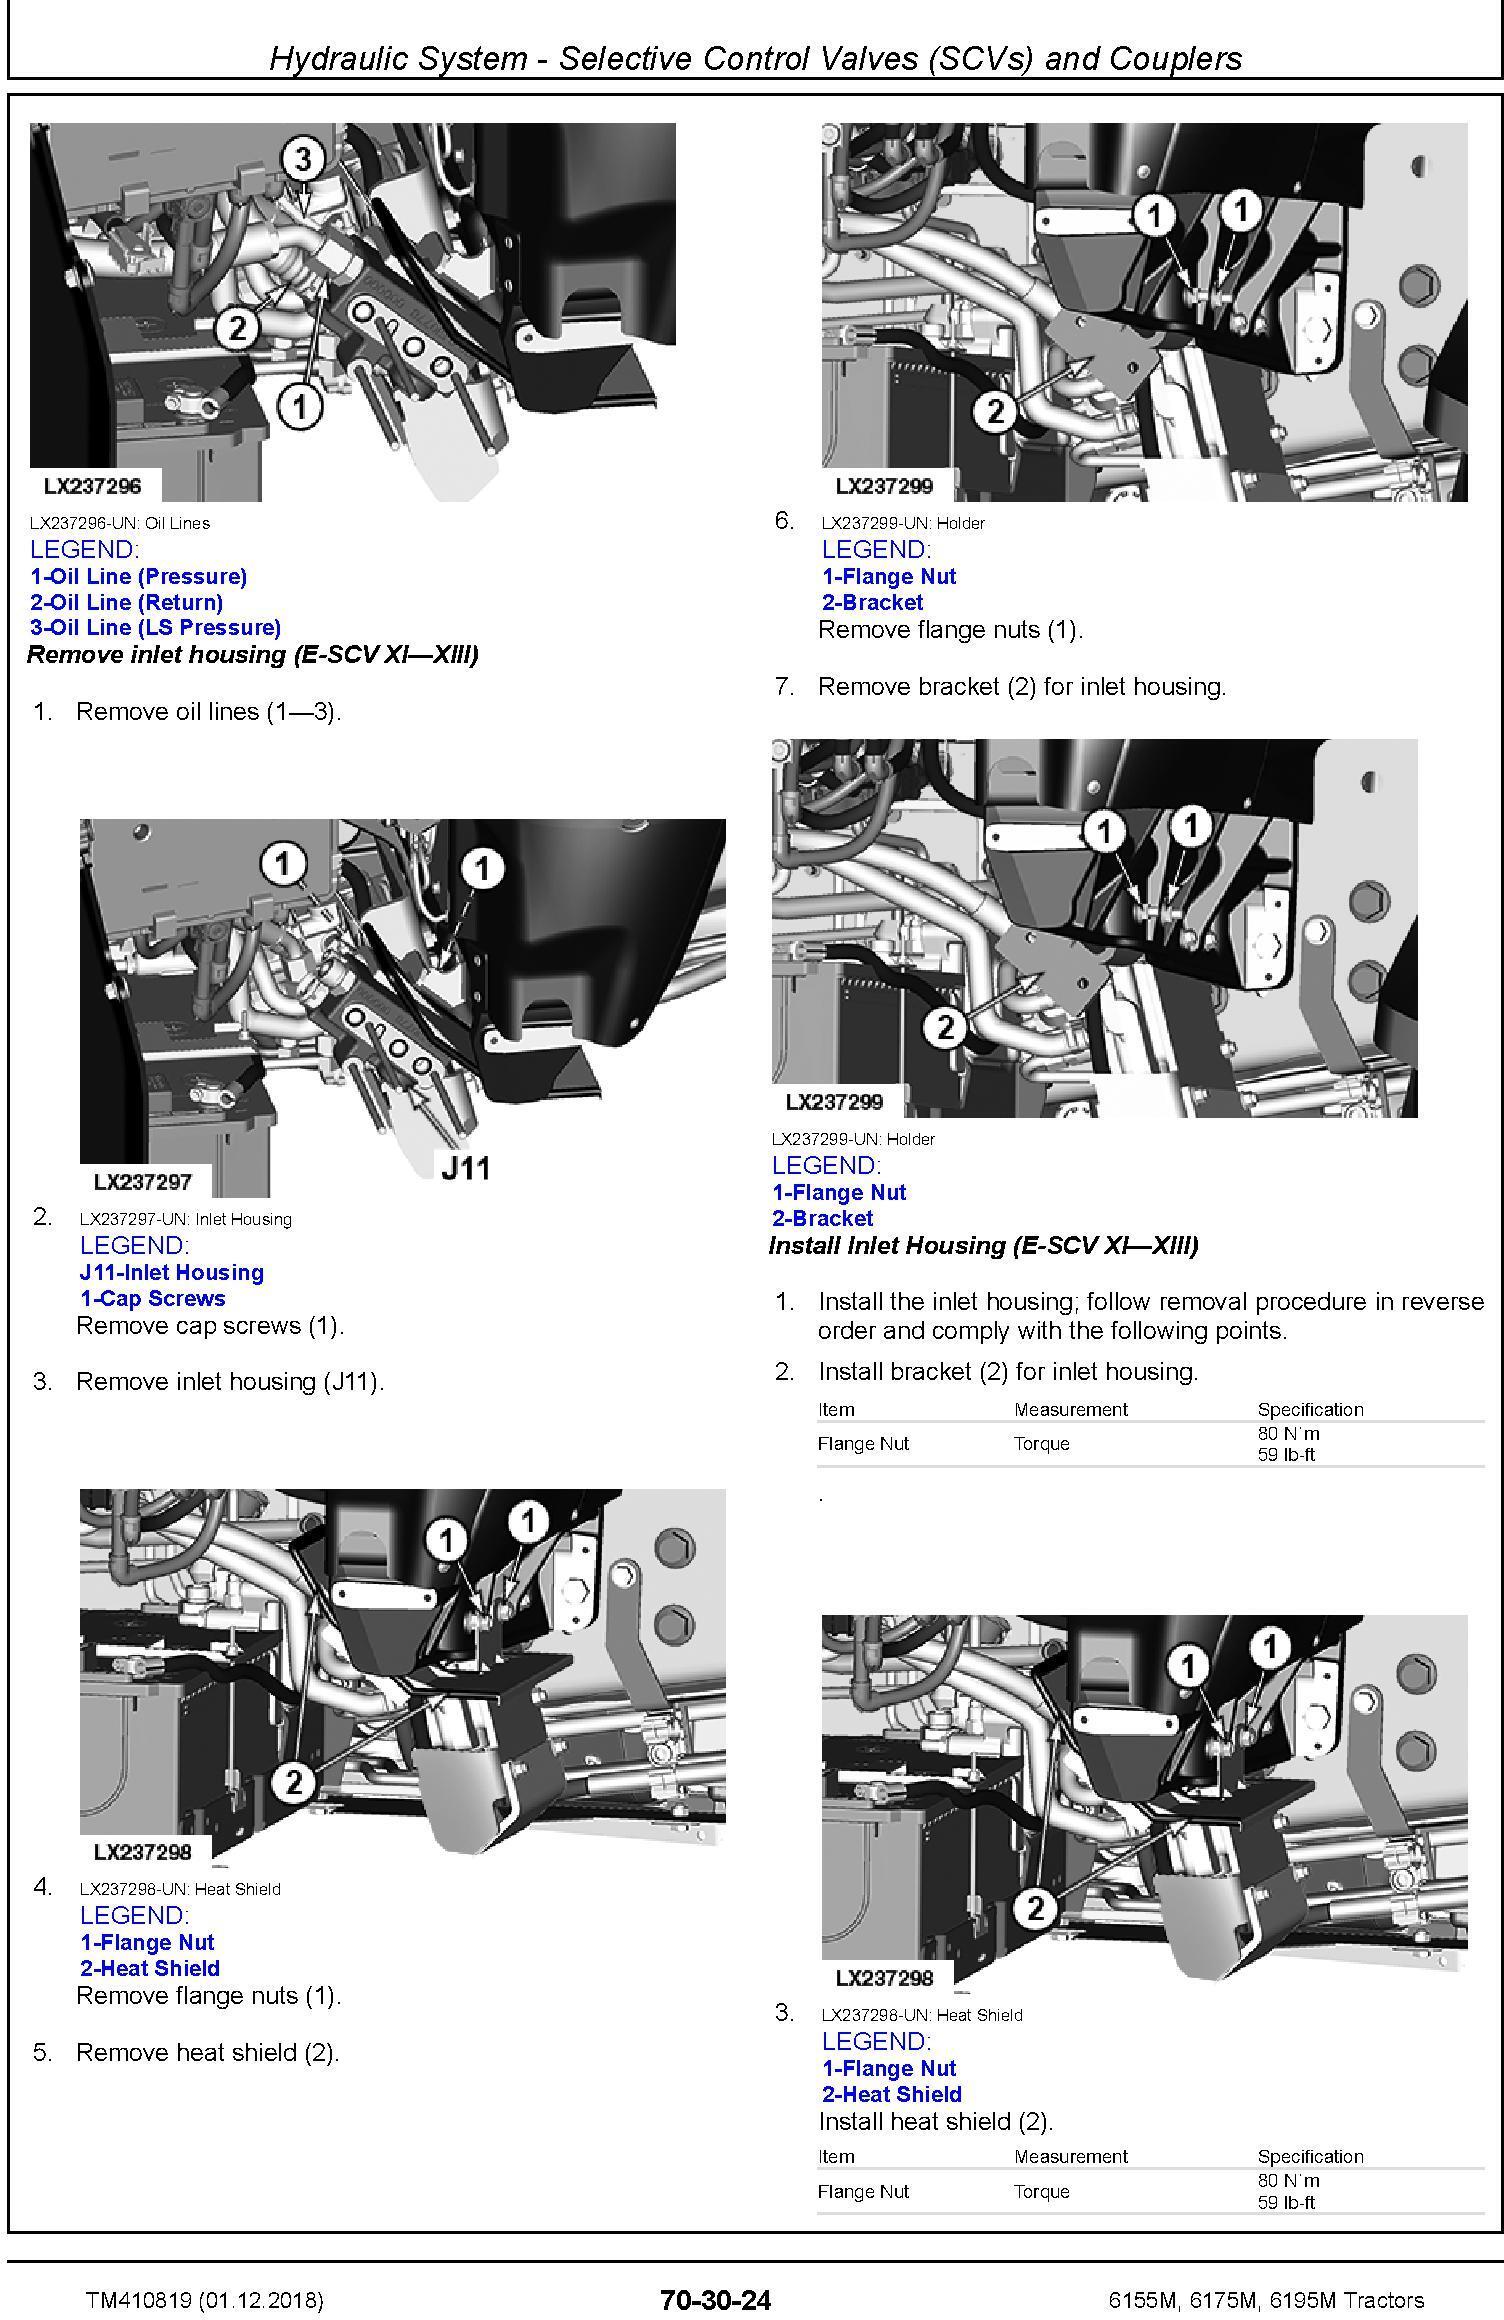 John Deere 6155M, 6175M, 6195M Tractors (MY18) Repair Technical Manual (TM410819) - 2